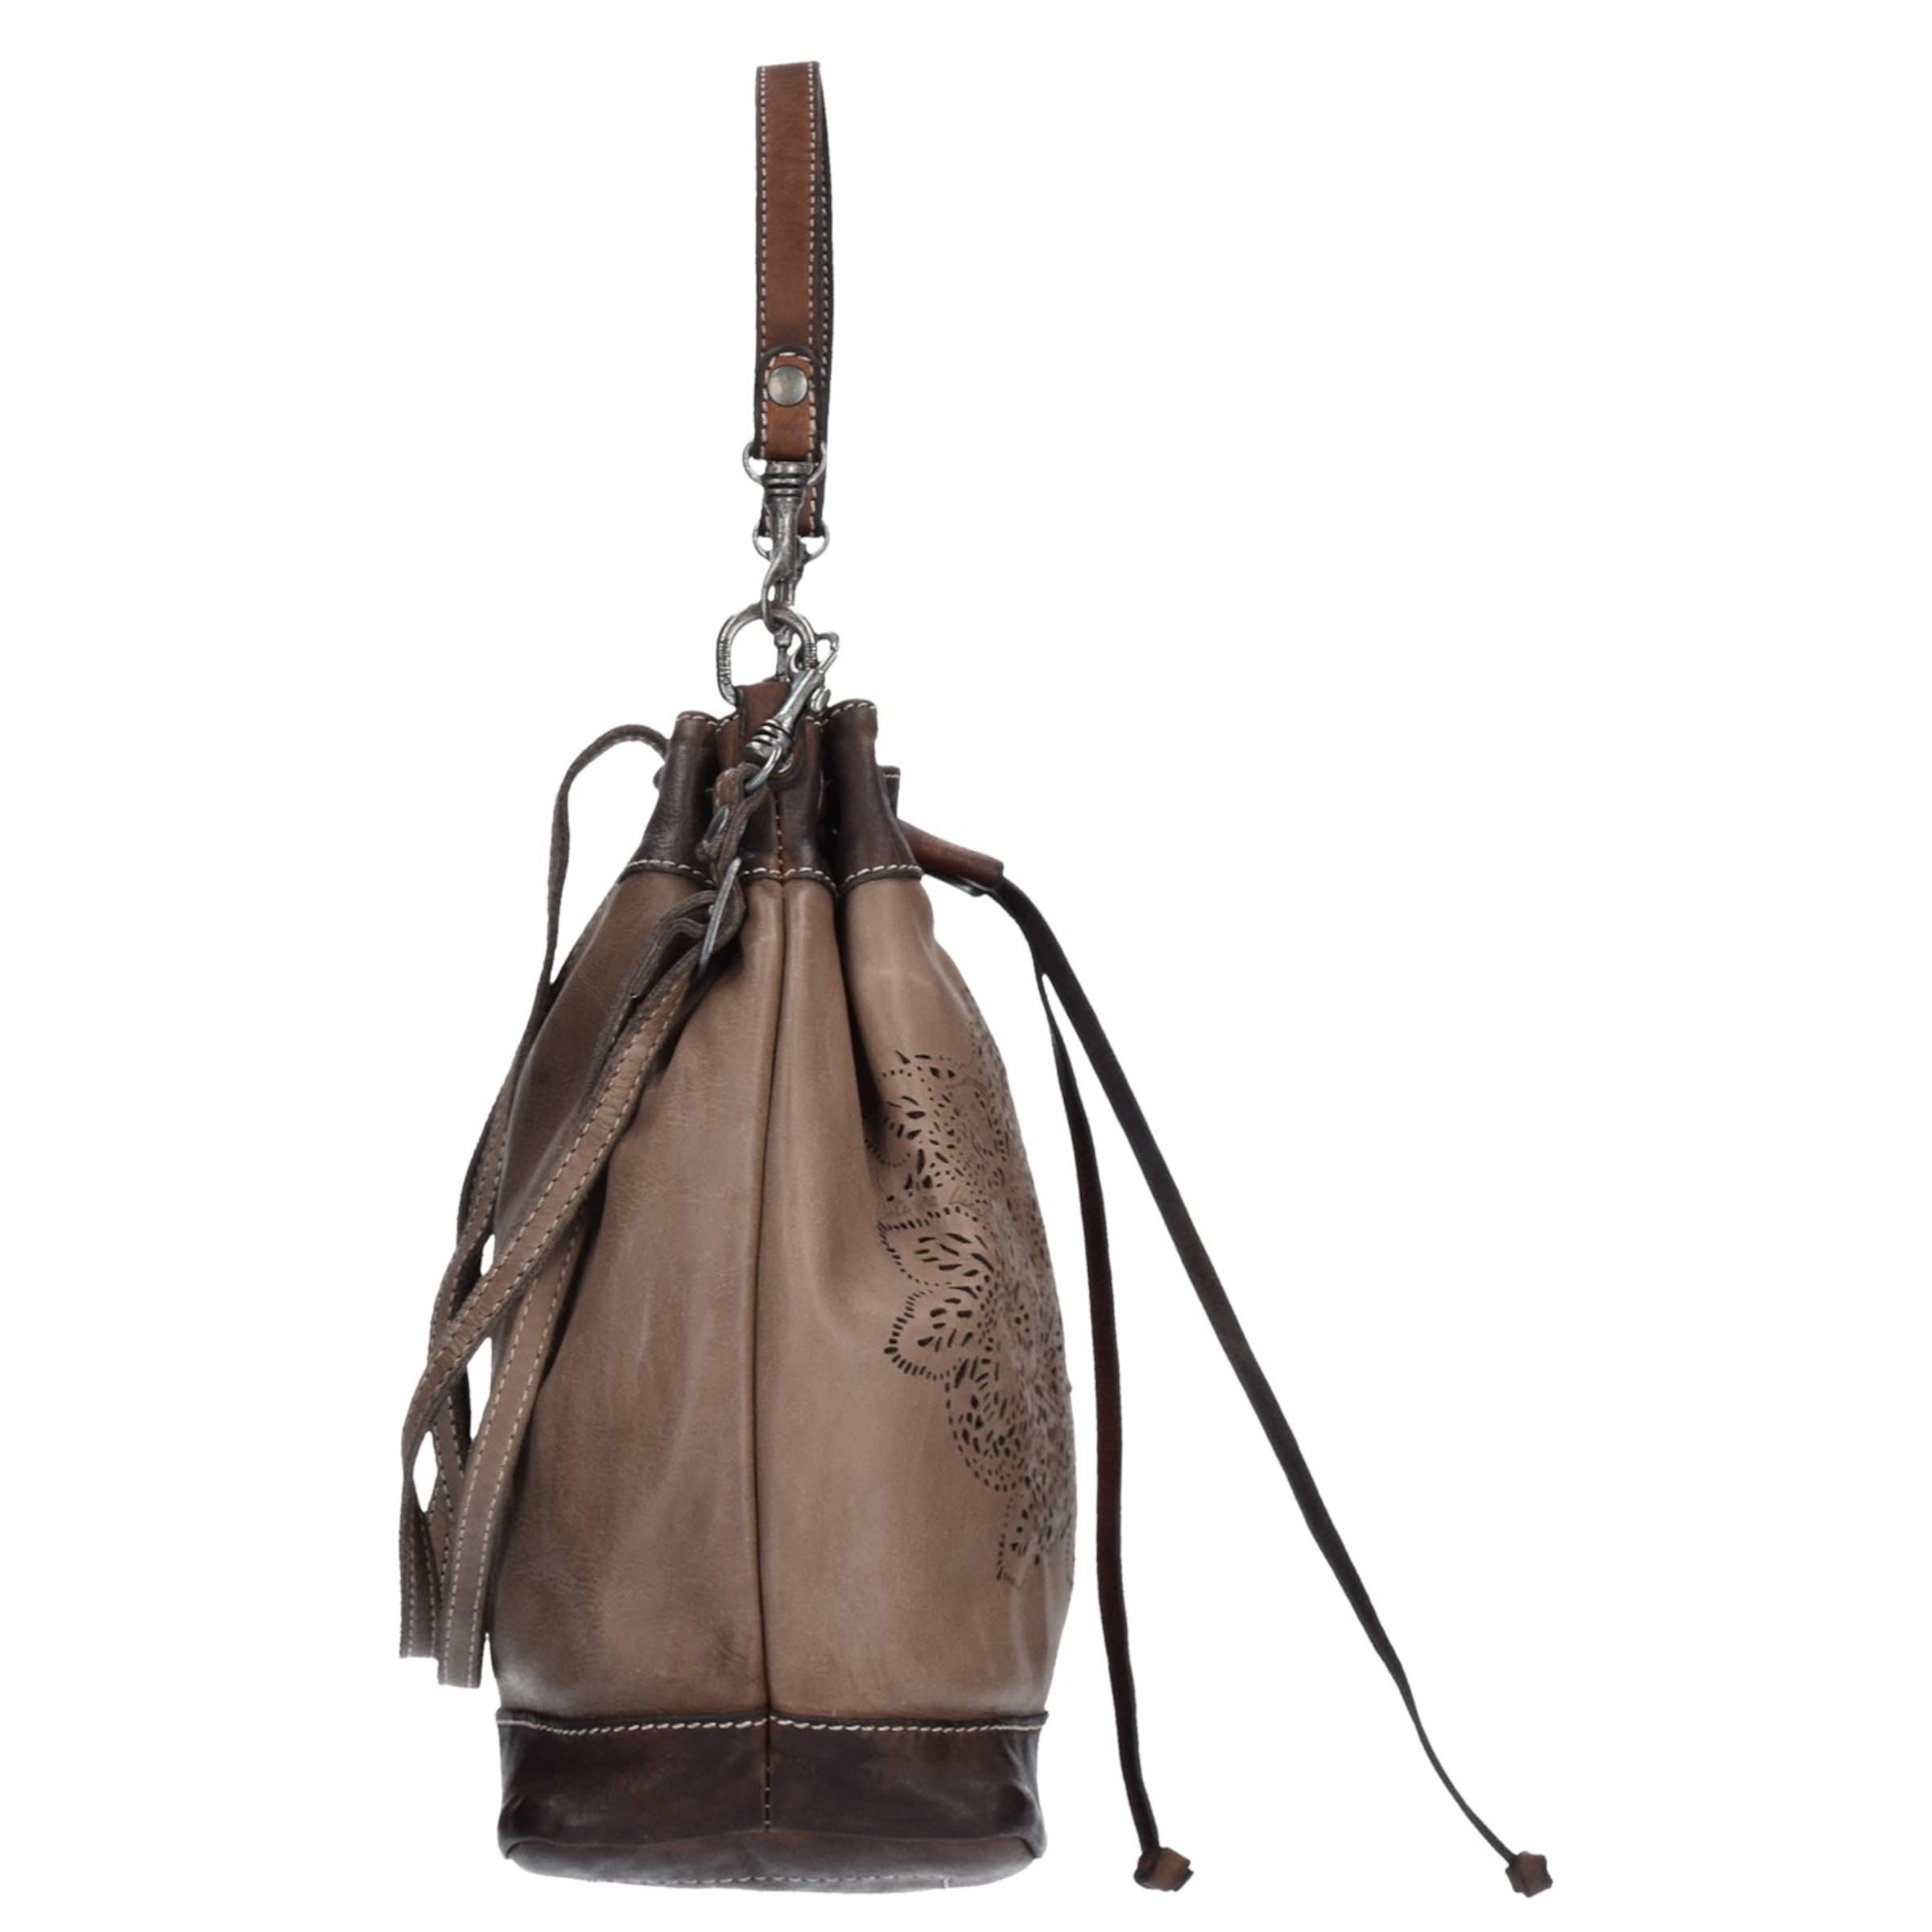 Caterina Lucchi Beuteltasche Leder 21 cm Spielraum Sehr Billig Ansehen Günstig Online Zum Verkauf Zum Verkauf Rabatt-Shop Für Billig Verkauf Ebay I9NrPuUOvT